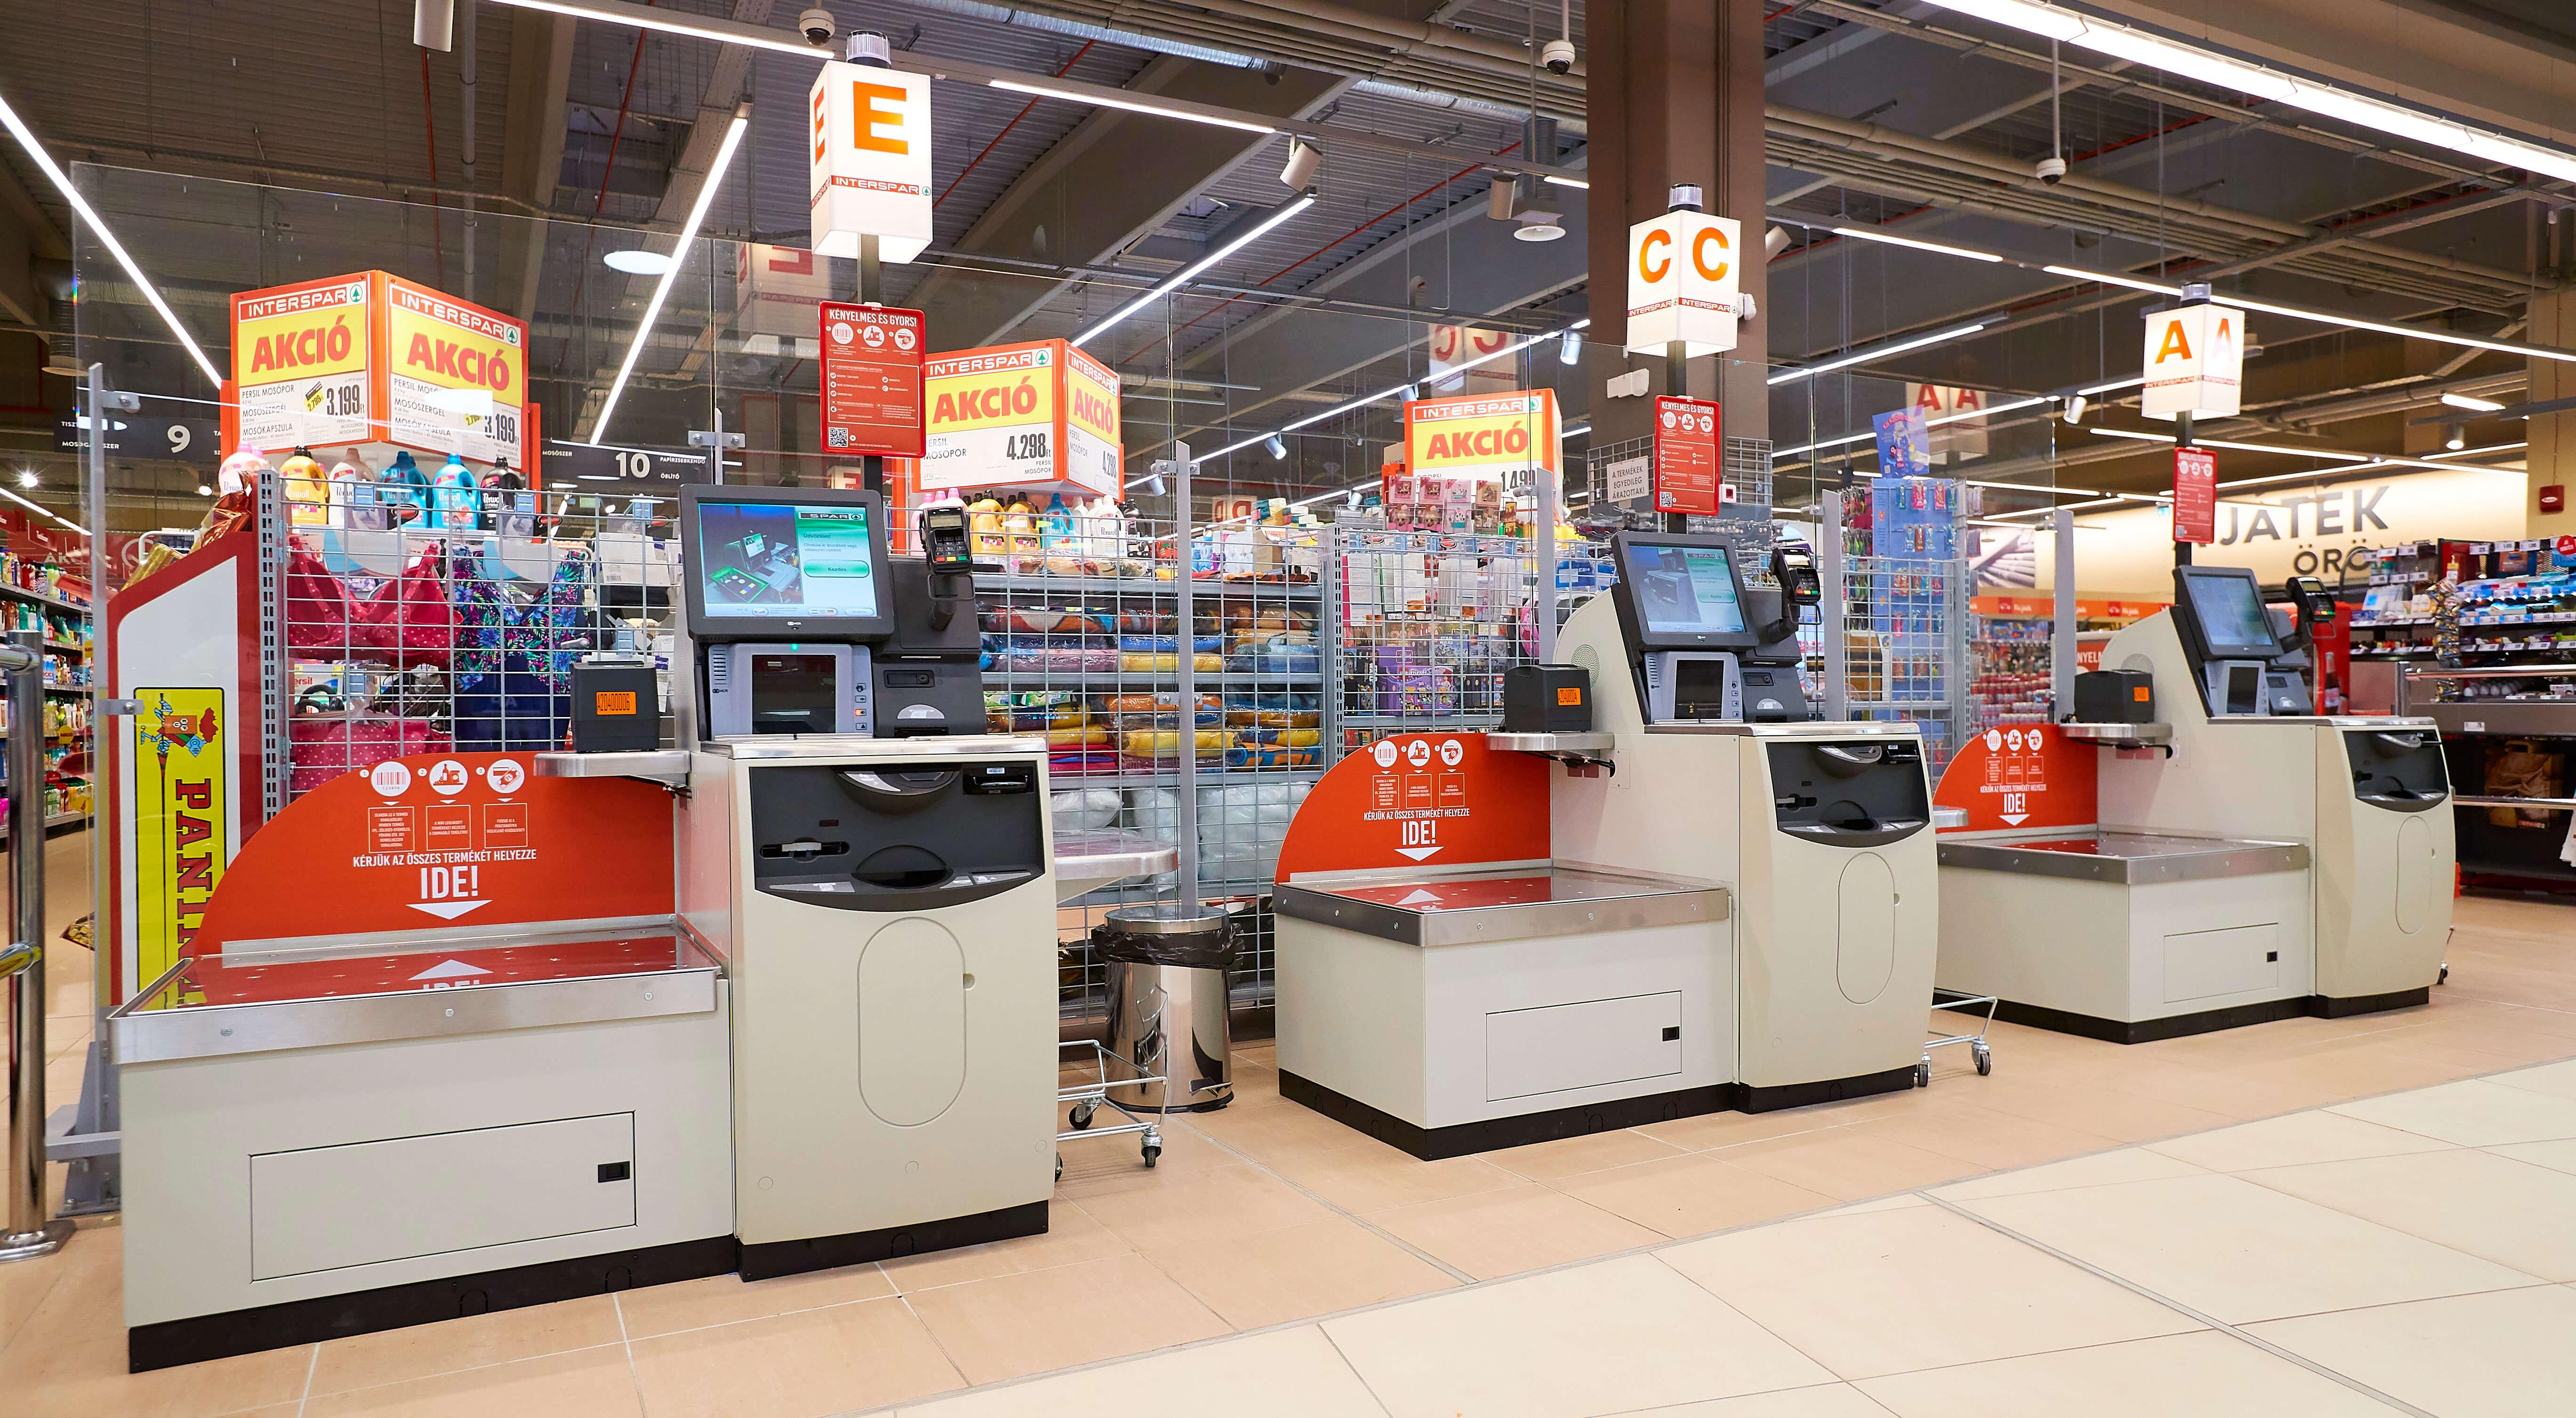 f75444ead7 A Spar Magyarország minőségi vevőkiszolgálást előtérbe állító  üzletpolitikájának lényege, hogy a mindenkori fogyasztói szokásoknak  maradéktalanul ...